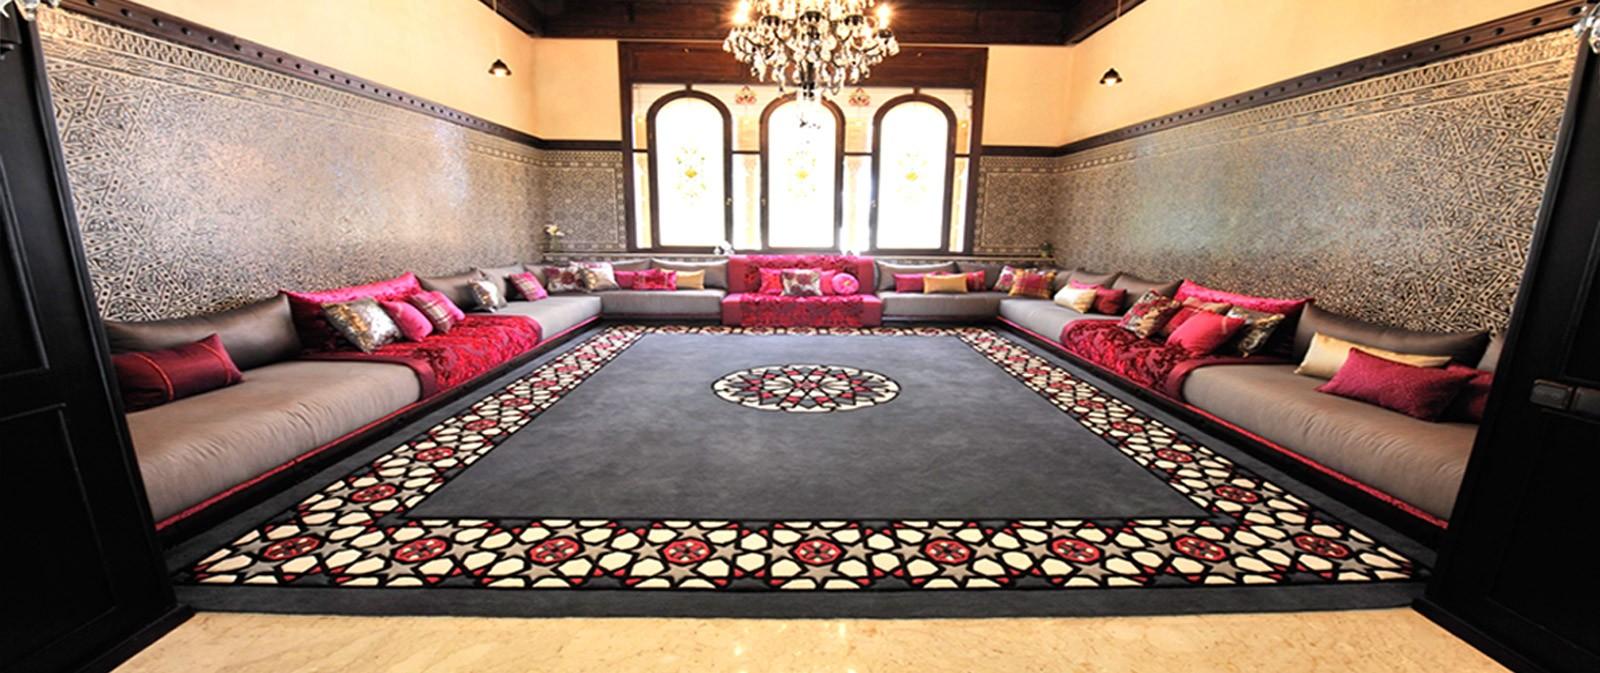 Banquette En Bois Pour Salon tout bois pour salon marocain - maison design - daniacs